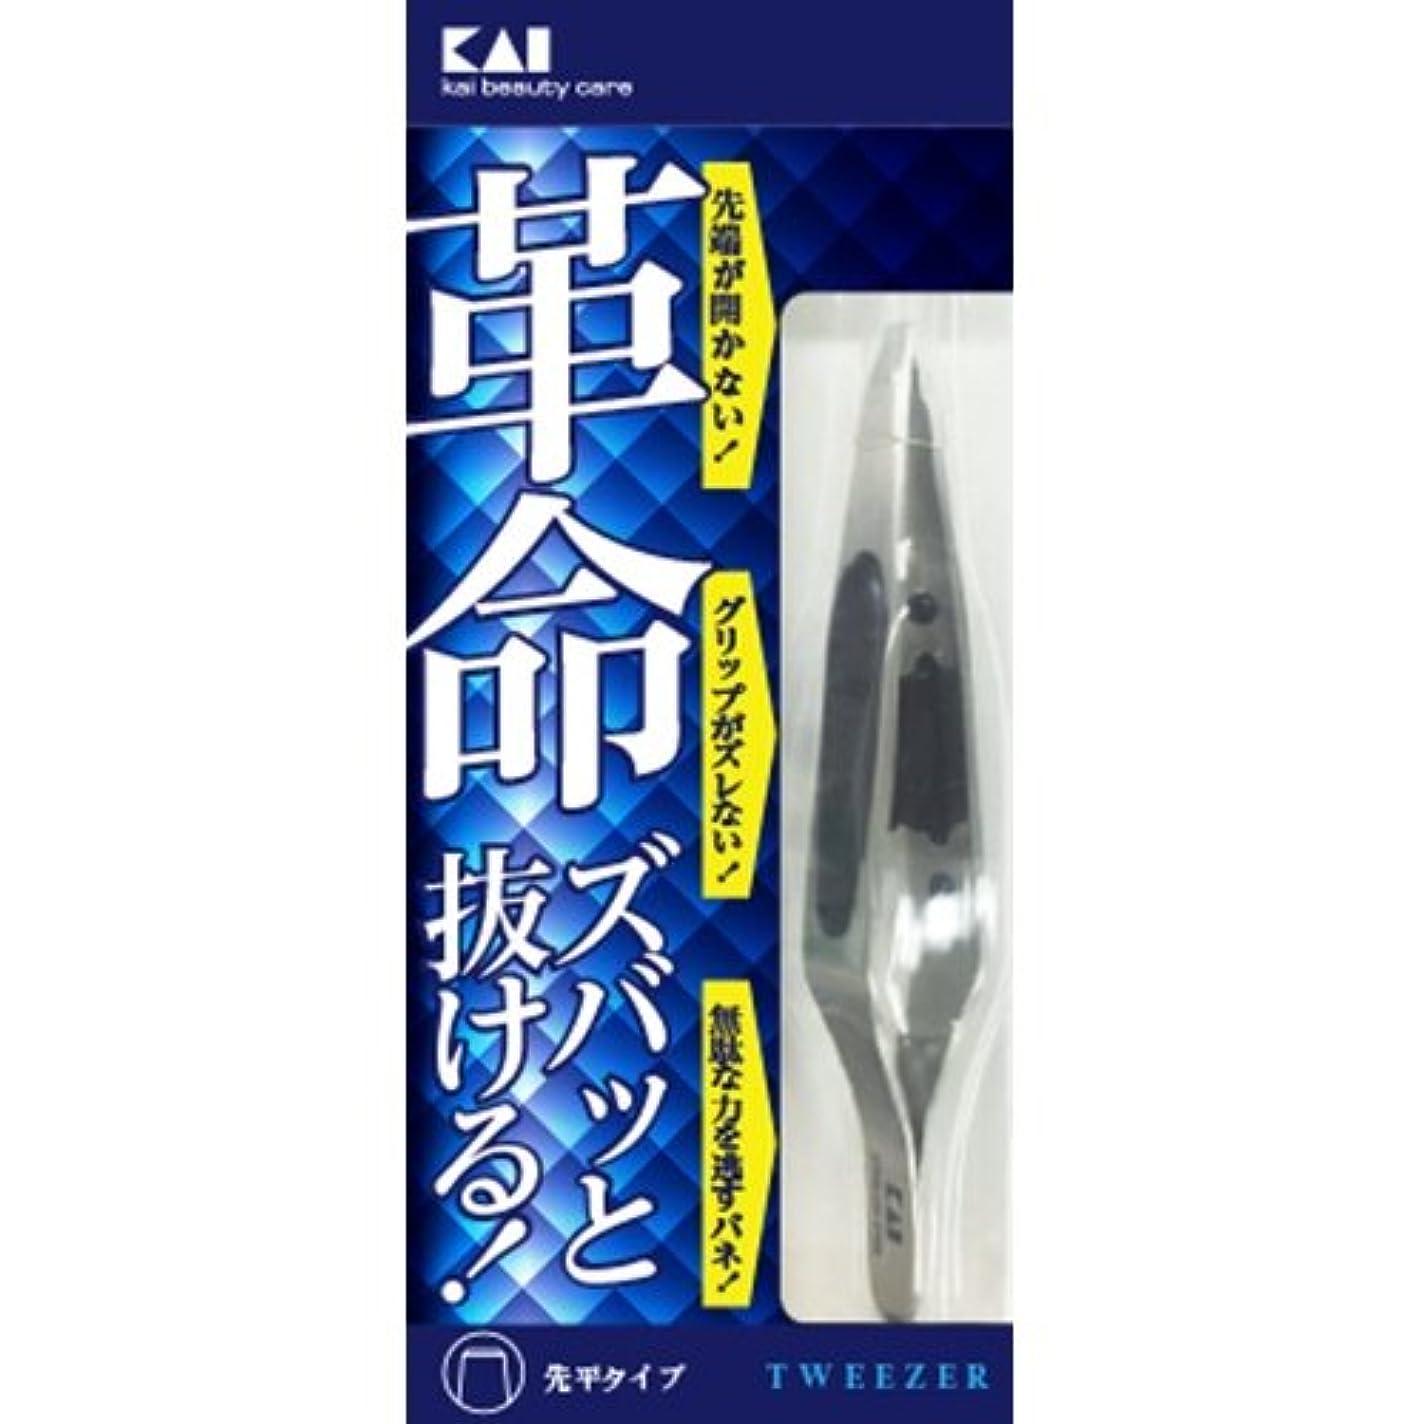 しがみつく洗う雑多なキャッチャー毛抜き (先平 ) KQ3095